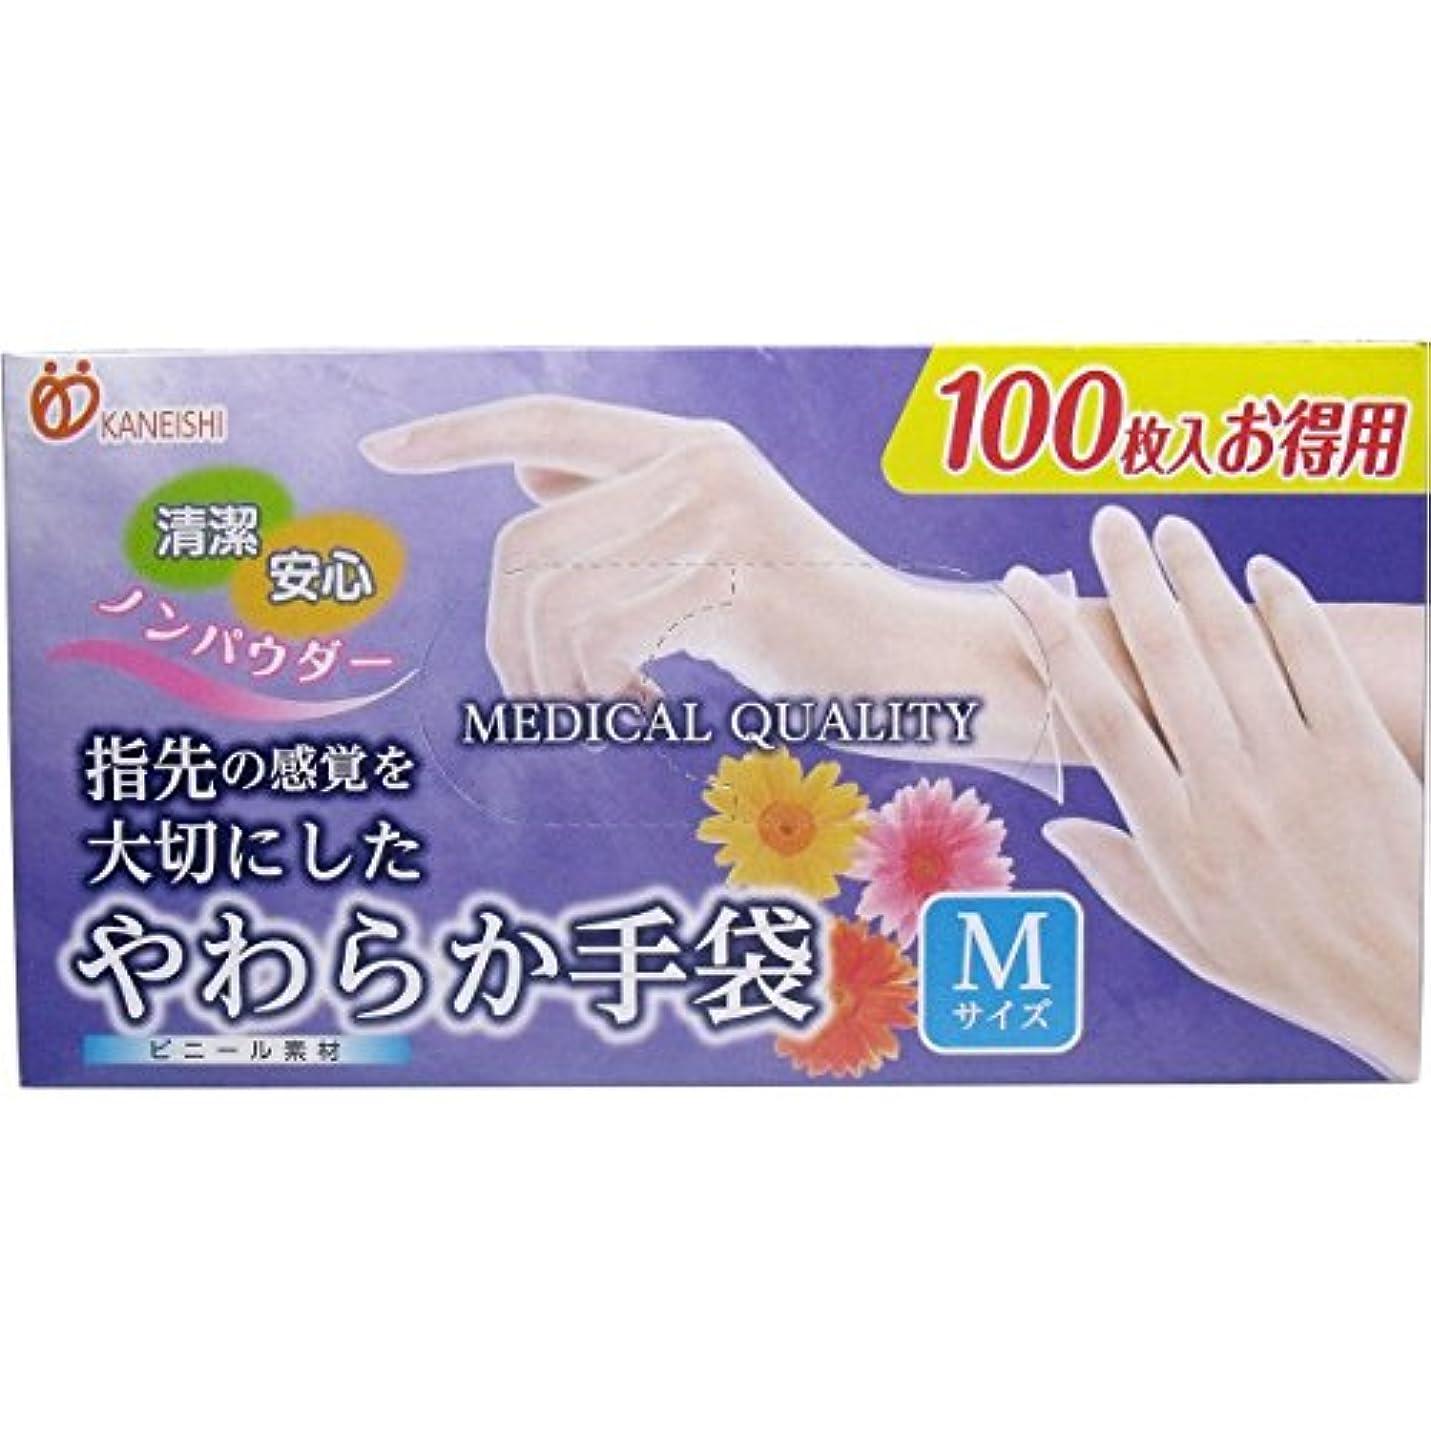 モネ借りている維持やわらか手袋 ビニール素材 Mサイズ 100枚入x8